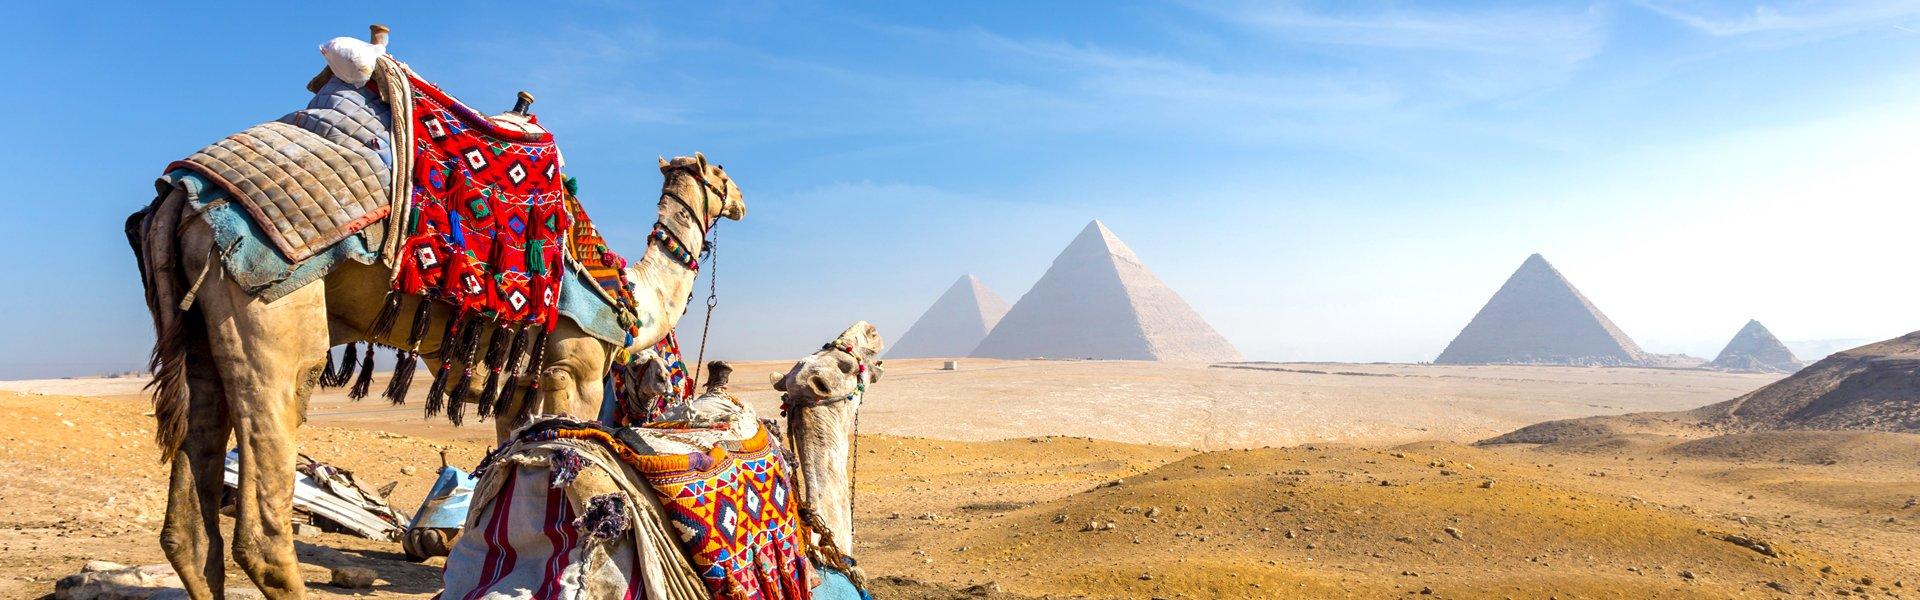 Kamelen en piramides van Gizeg, Egypte